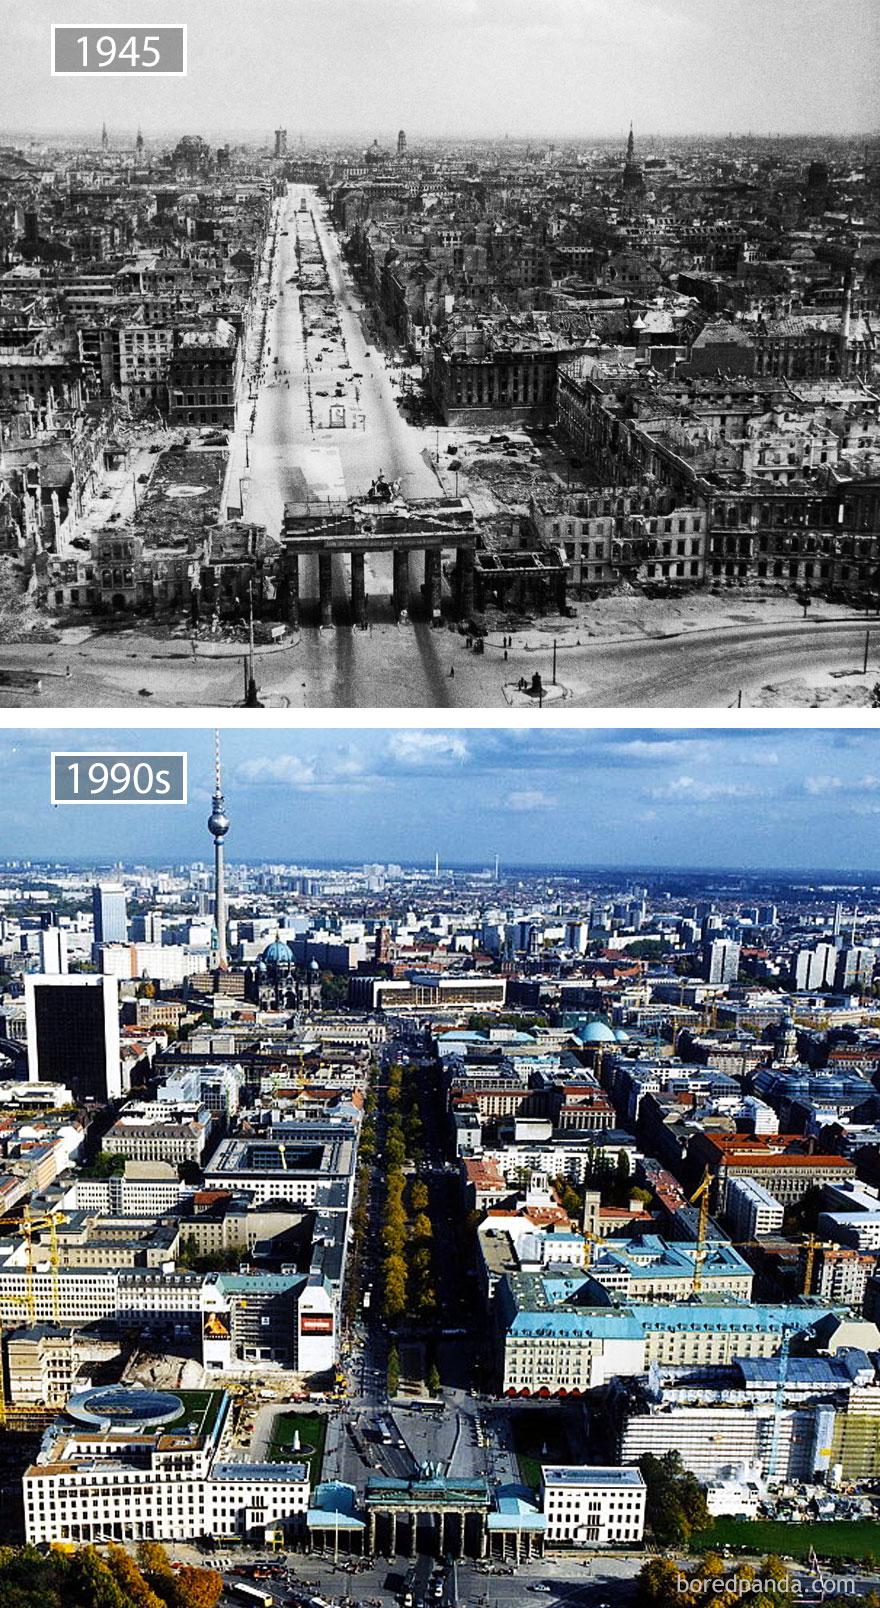 svetove mesta niekedy a teraz (8)